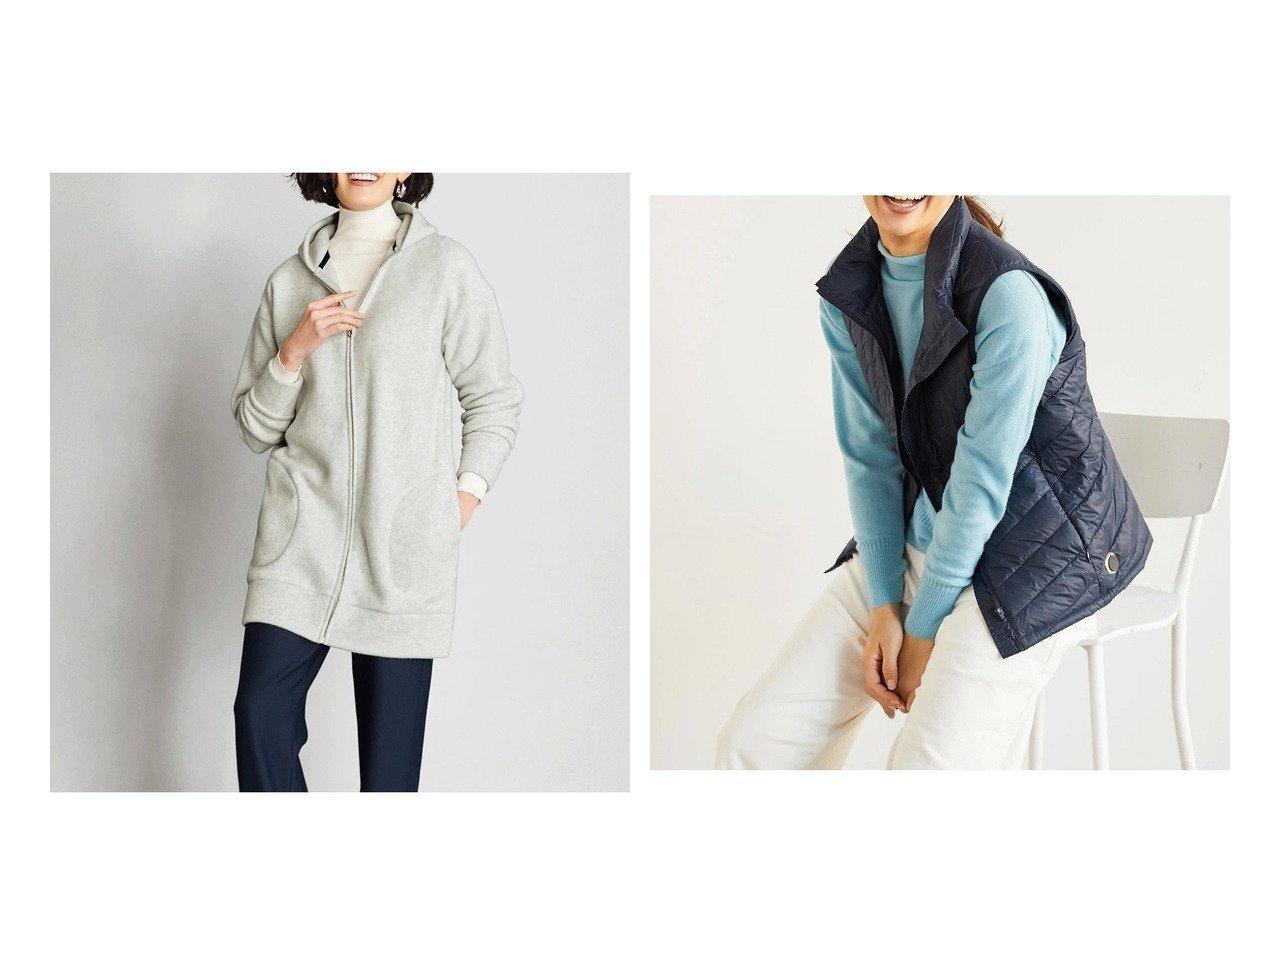 【DoCLASSE/ドゥクラッセ】のエアフリース・ロングパーカー&Doヒート・超快温ダウンベスト ドゥクラッセの40代、50代の方におすすめ!人気トレンド・ファッションの通販 おすすめで人気の流行・トレンド、ファッションの通販商品 メンズファッション・キッズファッション・インテリア・家具・レディースファッション・服の通販 founy(ファニー) https://founy.com/ ファッション Fashion レディースファッション WOMEN アウター Coat Outerwear トップス カットソー Tops Tshirt ベスト/ジレ Gilets Vests パーカ Sweats アウトドア スリム ダウン フェザー ベスト ポケット メンズ モバイル リアル なめらか パーカー ワンポイント 冬 Winter 定番 Standard |ID:crp329100000021620